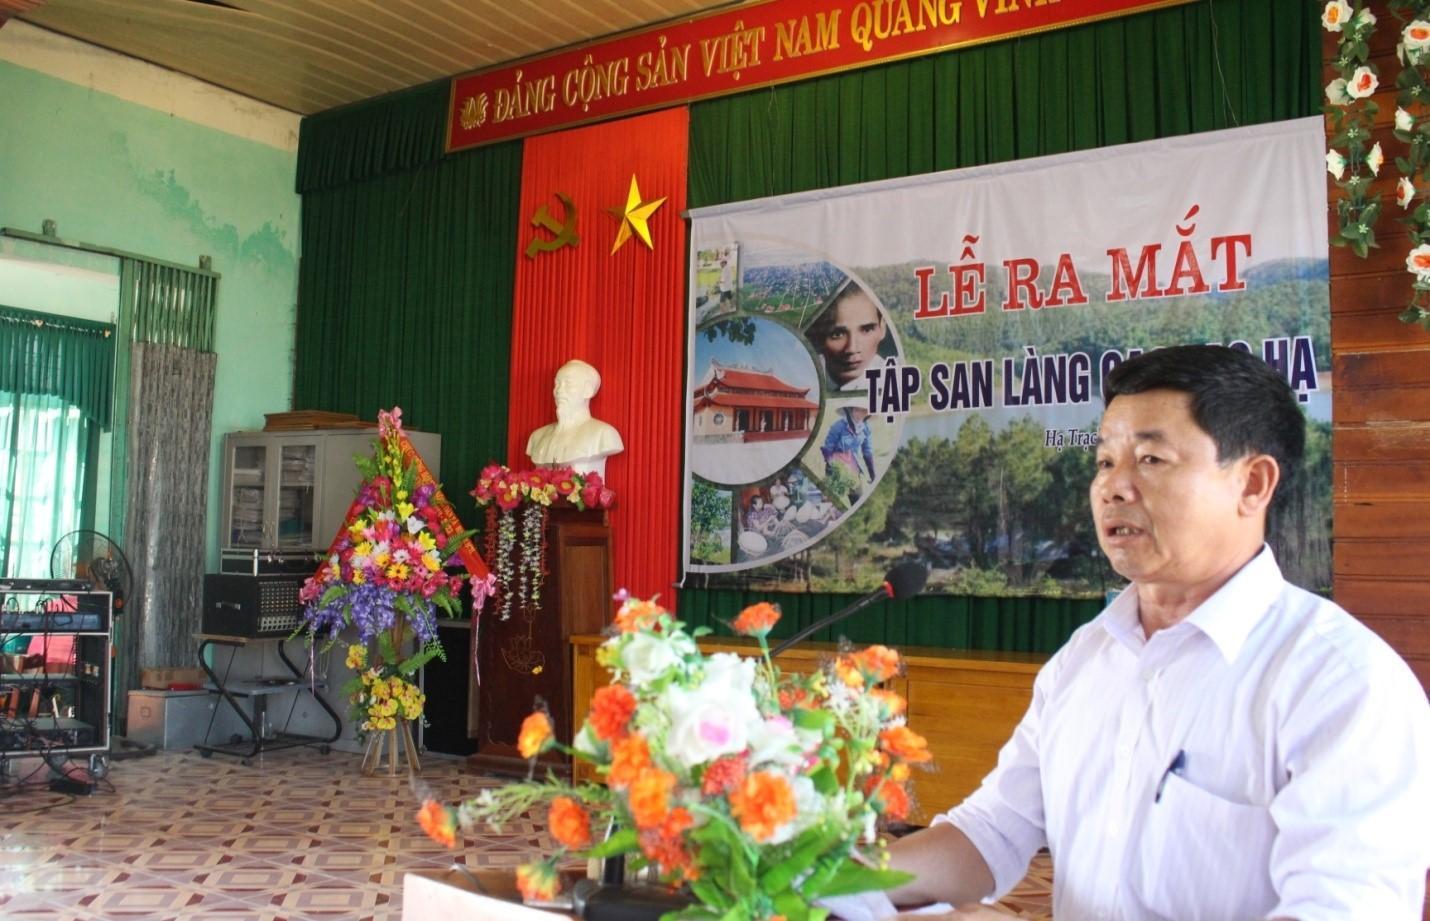 Danh sách đồng hương Hạ Trạch tại thủ đô Hà Nội